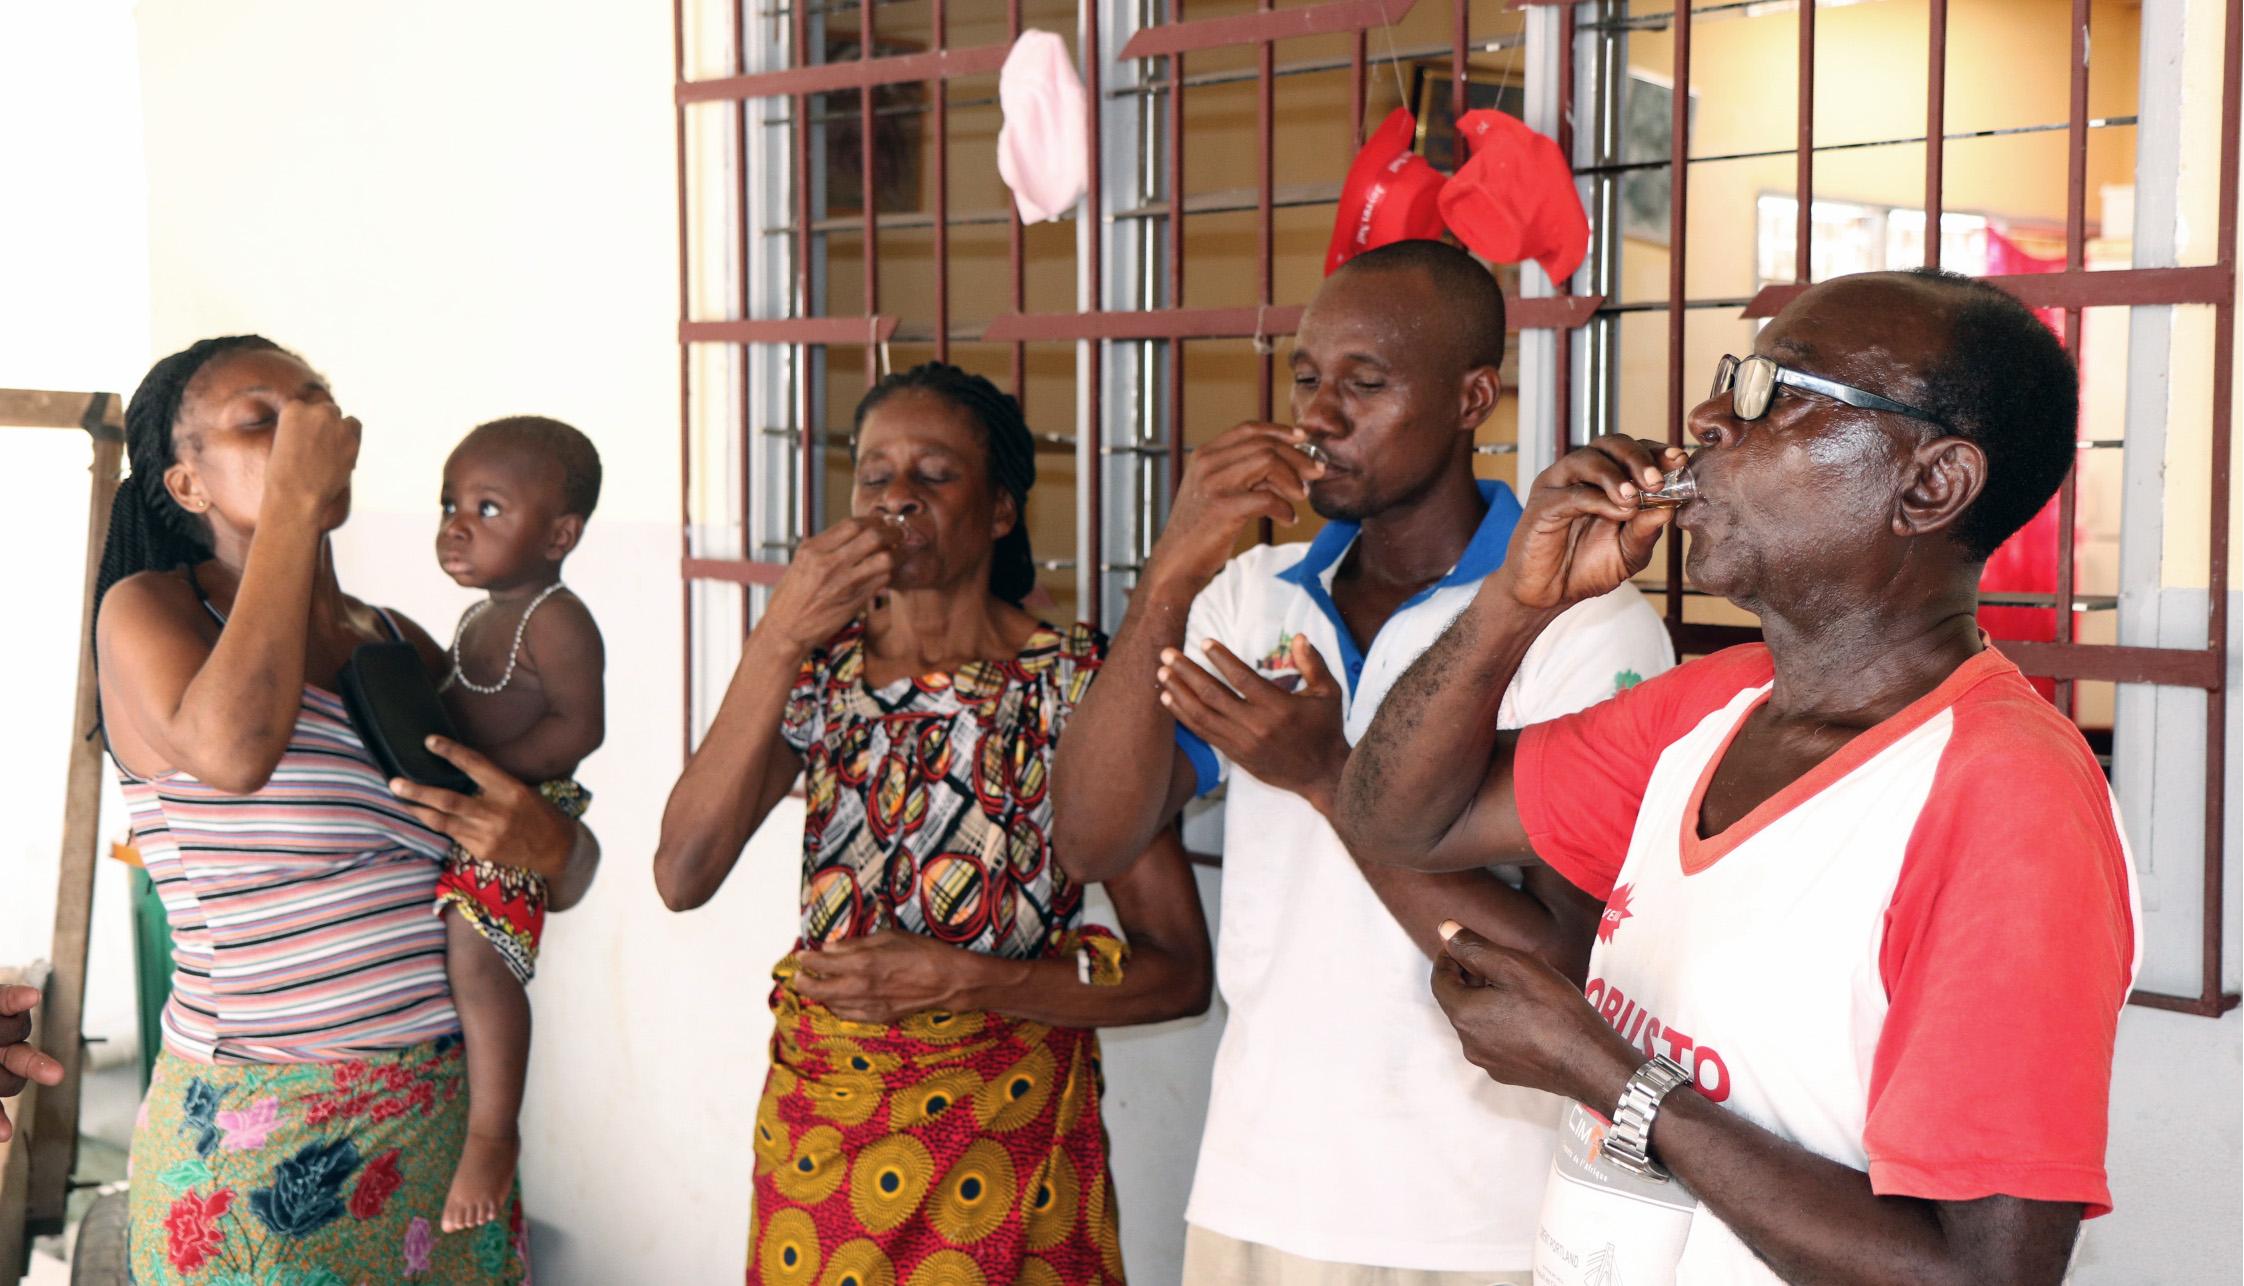 La famille Ohouo (à partir de la gauche, Appolos, Fabrice, Chiadon et Chantal) de l'église Méthodiste Unie Béthel- Quartier Eléphant participe à la Sainte Cène pendant un culte à domicile. Bien que les églises soient fermées à cause de la pandémie du COVID-19, les membres organisent des cultes à domicile avec les ressources fournies par leurs pasteurs. Photo de John Mel, UM News.